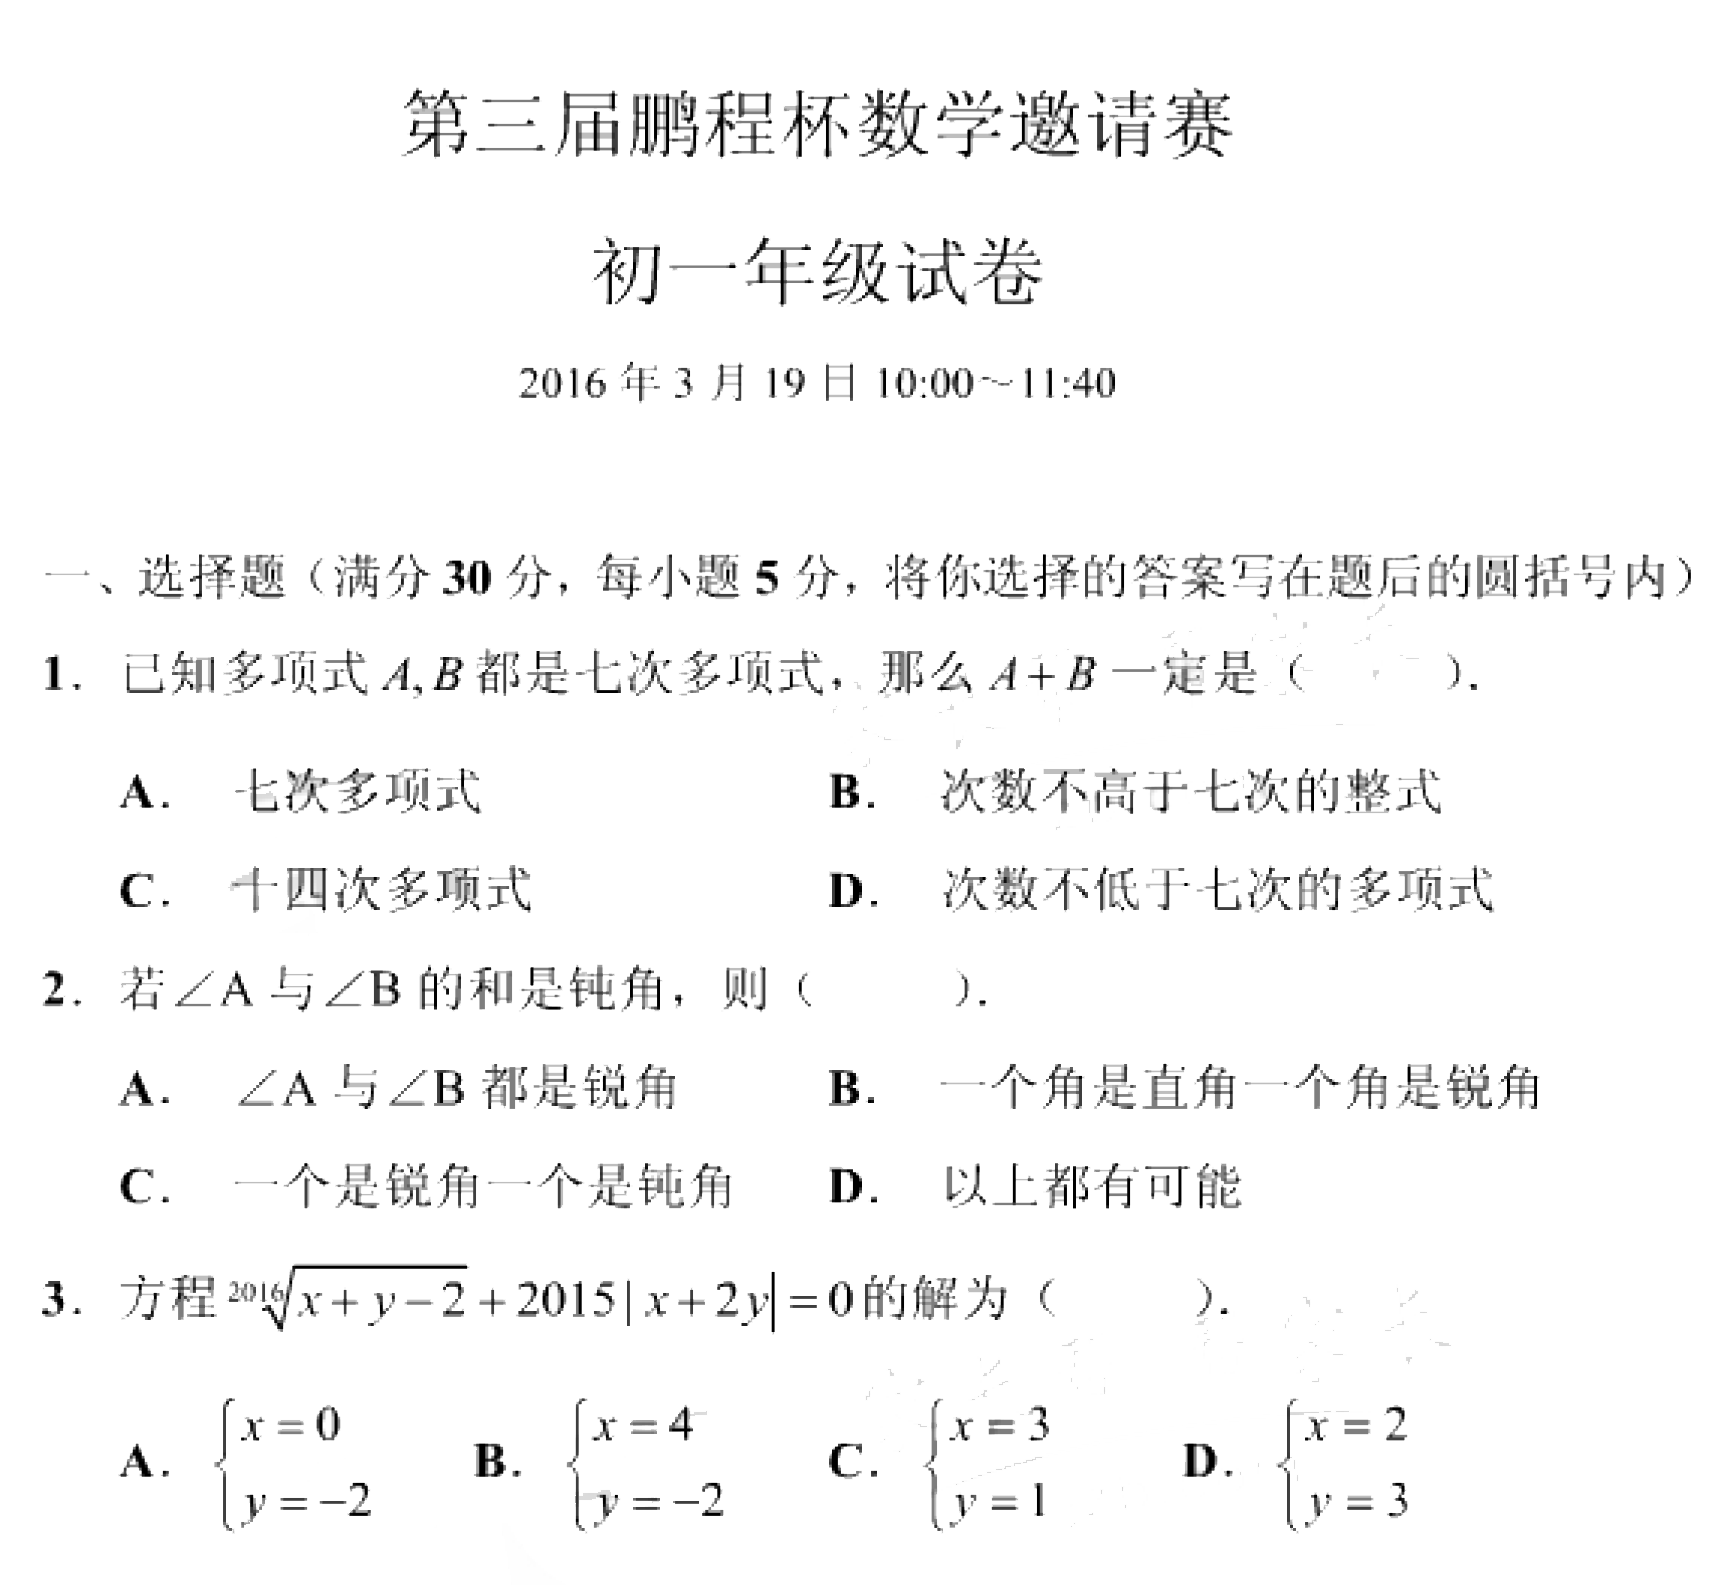 2016年鹏程杯数学邀请赛初中一年级试题及答案